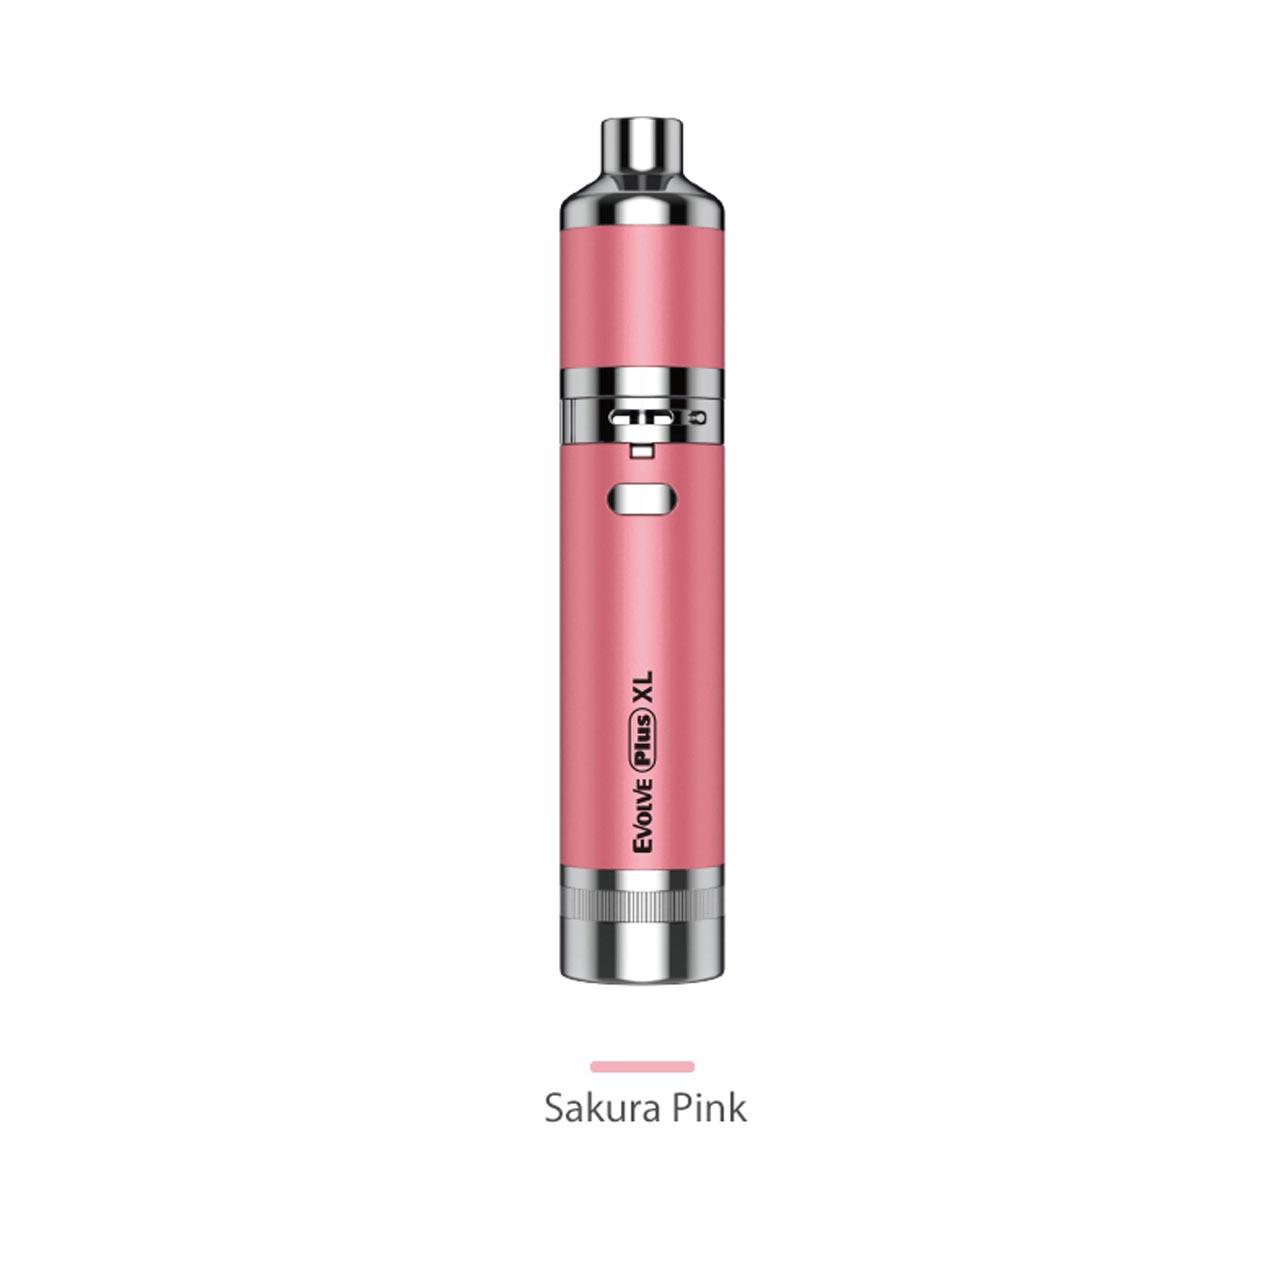 Yocan Evolve Plus XL 2020 Version Kit Light Sakura Pink